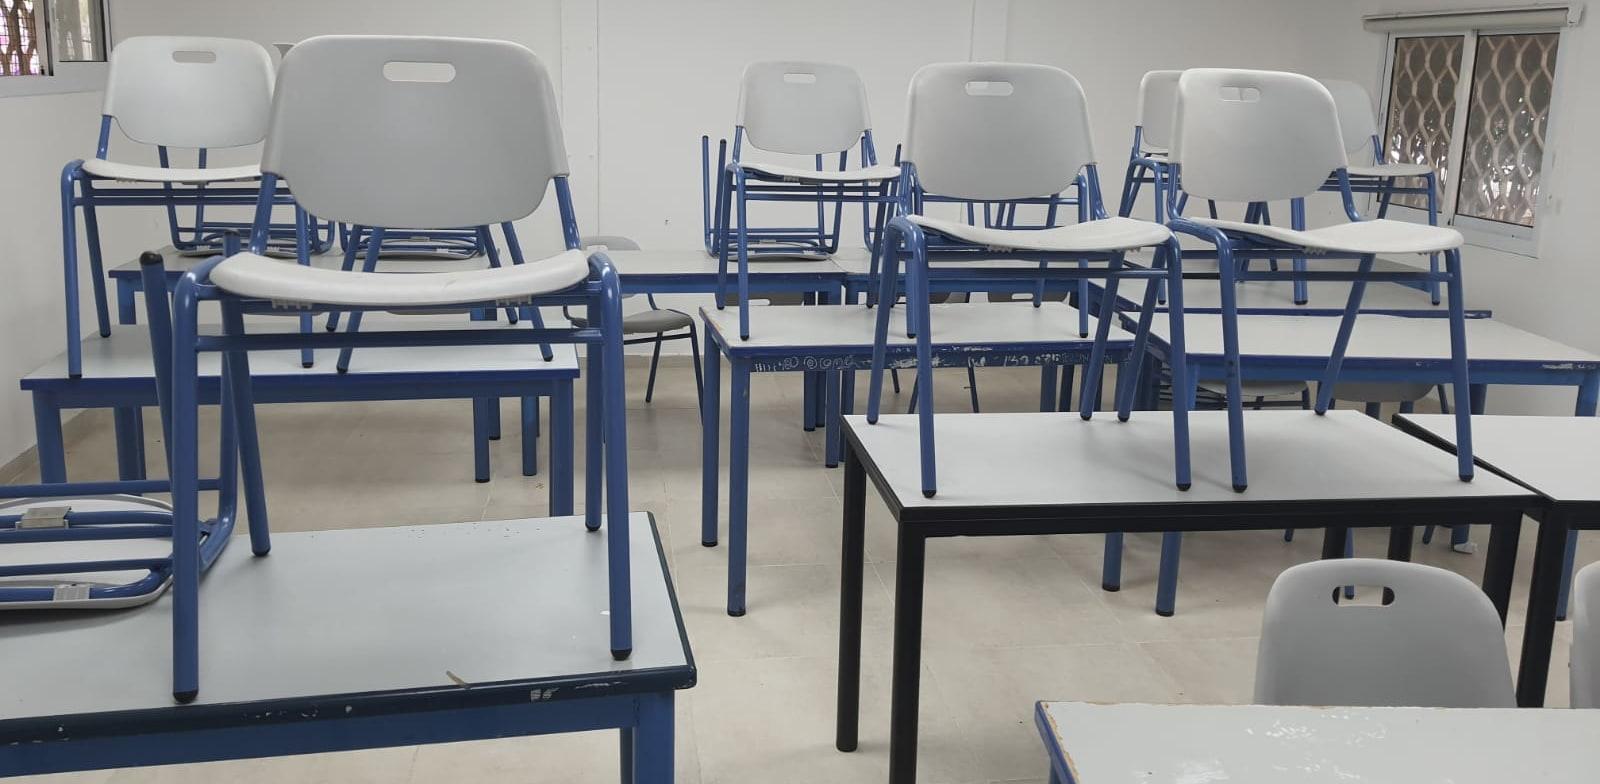 האומנם דוח שכר המורים מעוות?